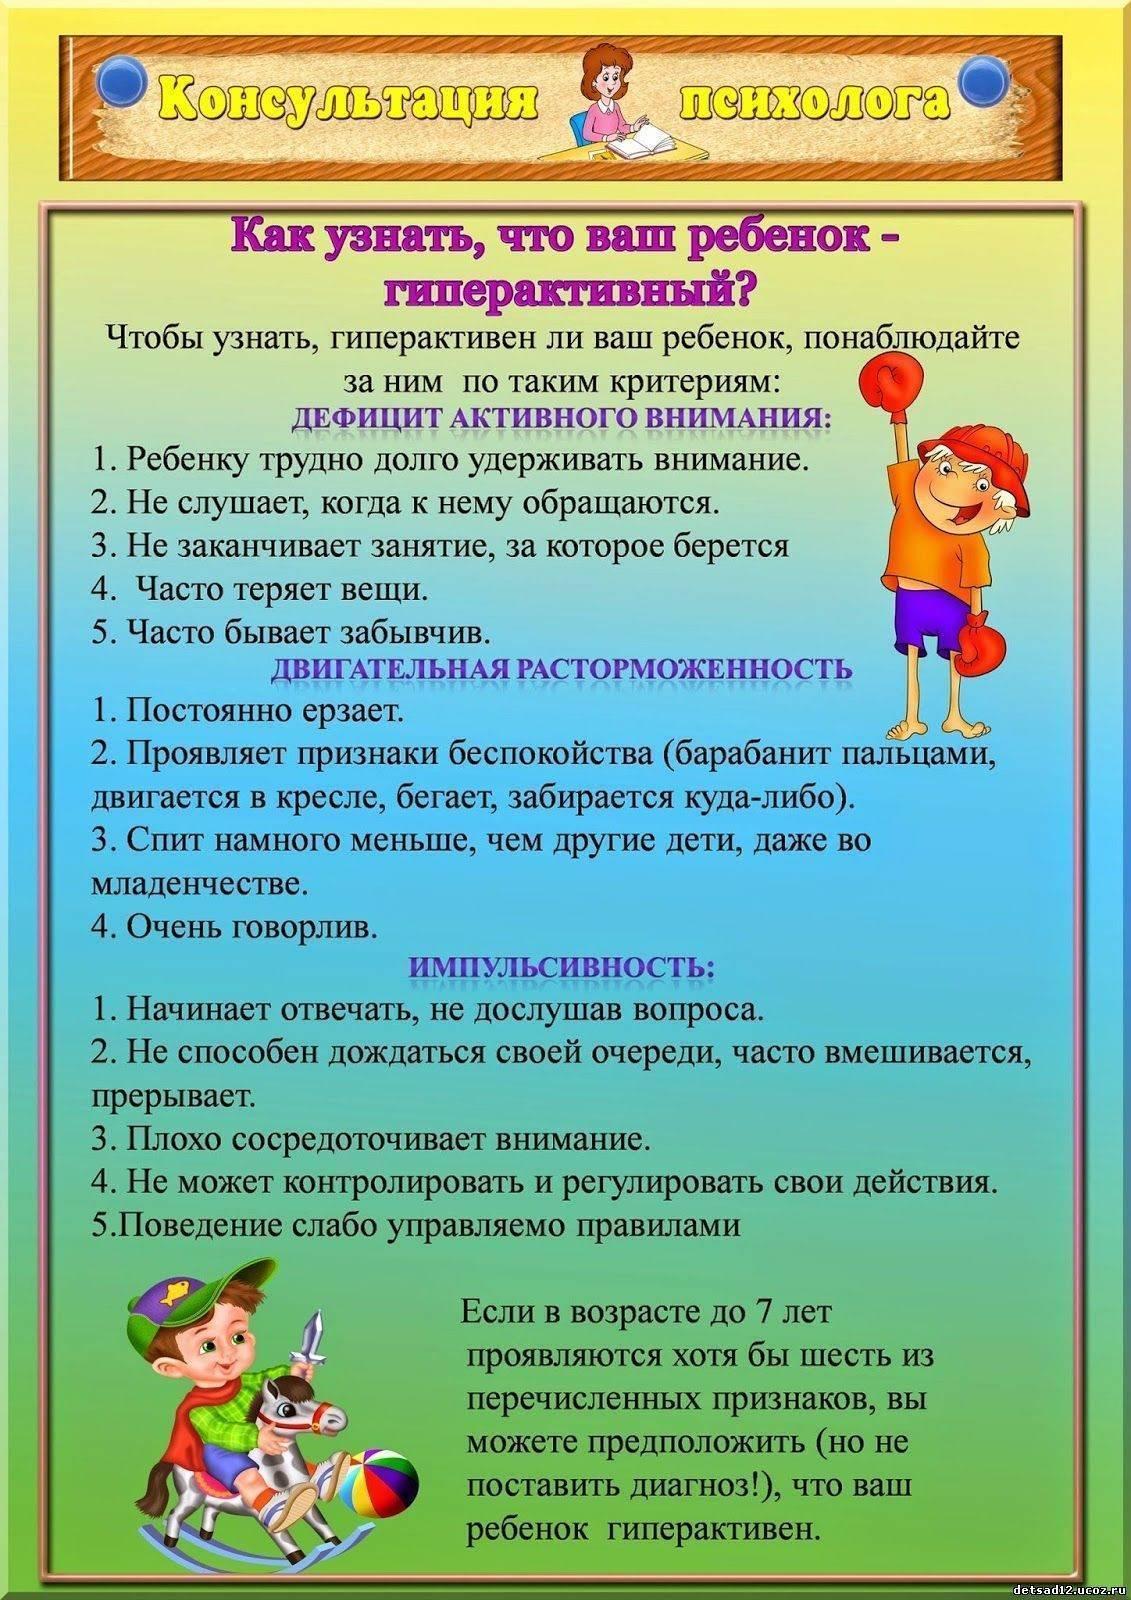 Гиперактивные дети: что делать с непоседливым ребенком, как воспитывать и нужно ли лечить — советы психолога родителям. гиперактивный ребенок